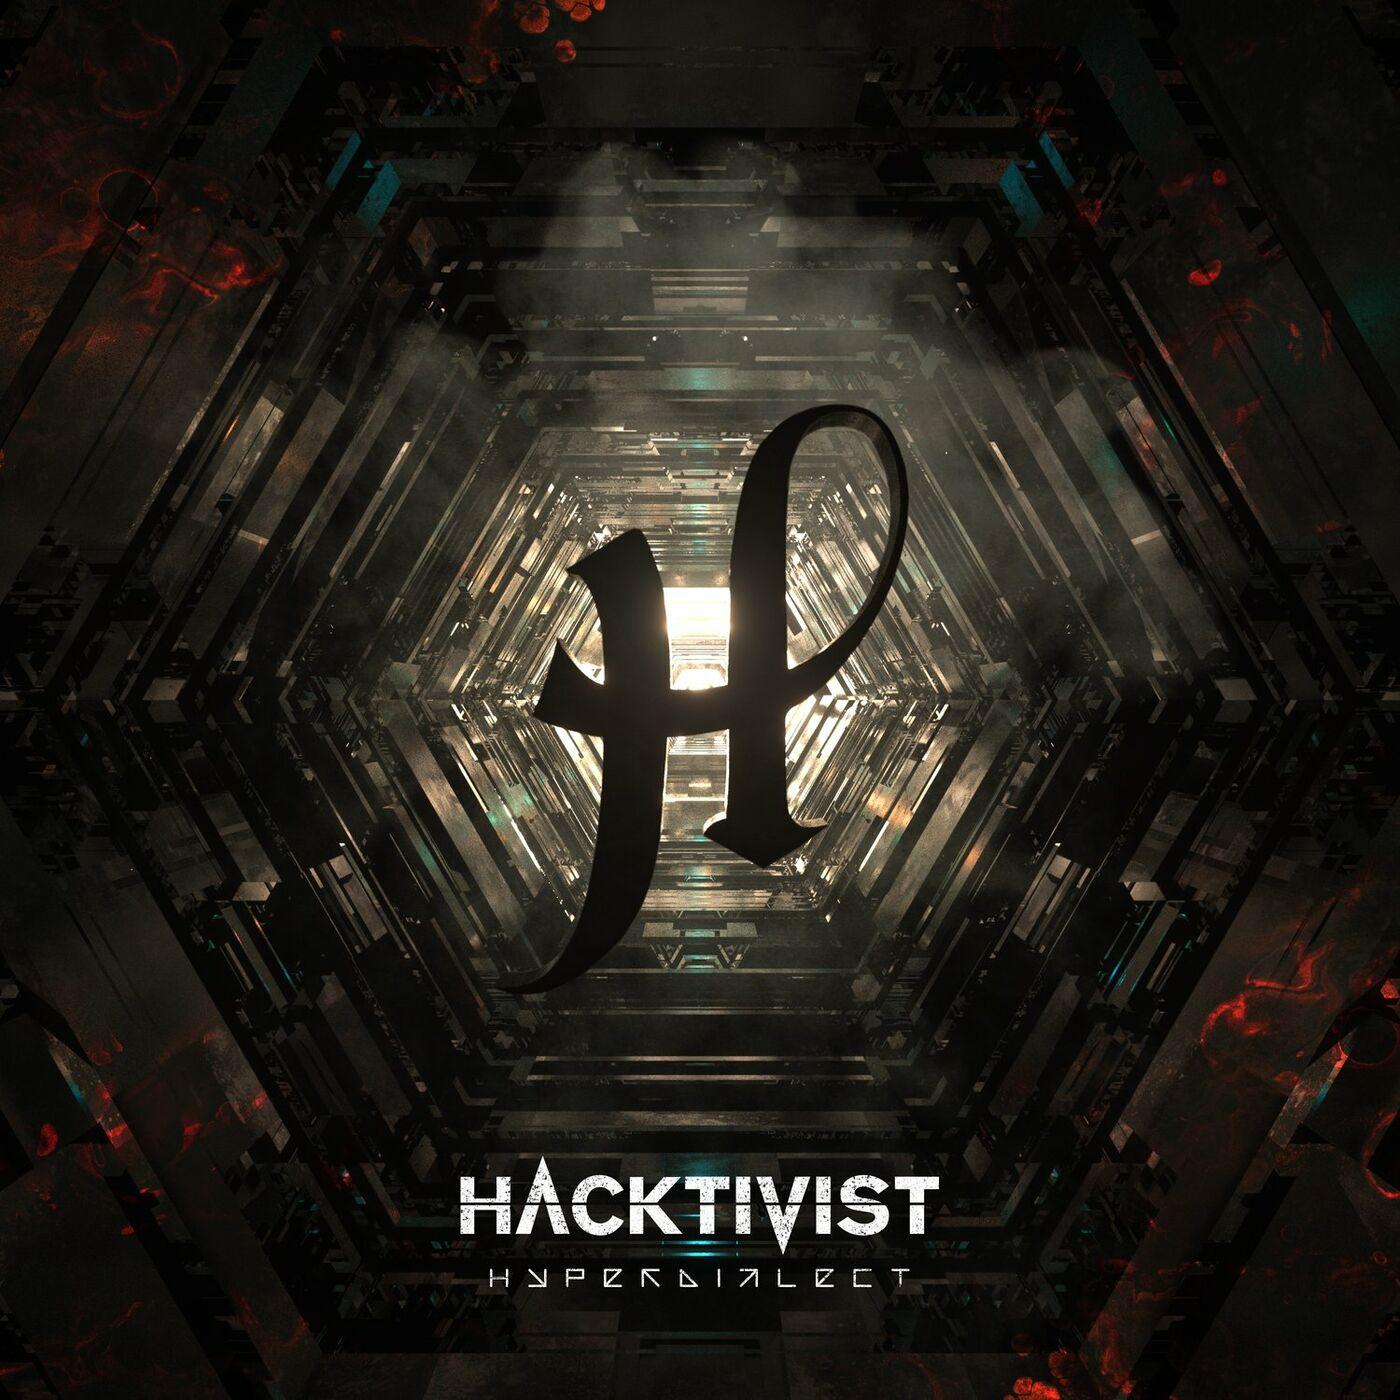 Hacktivist - Reprogram [single] (2021)